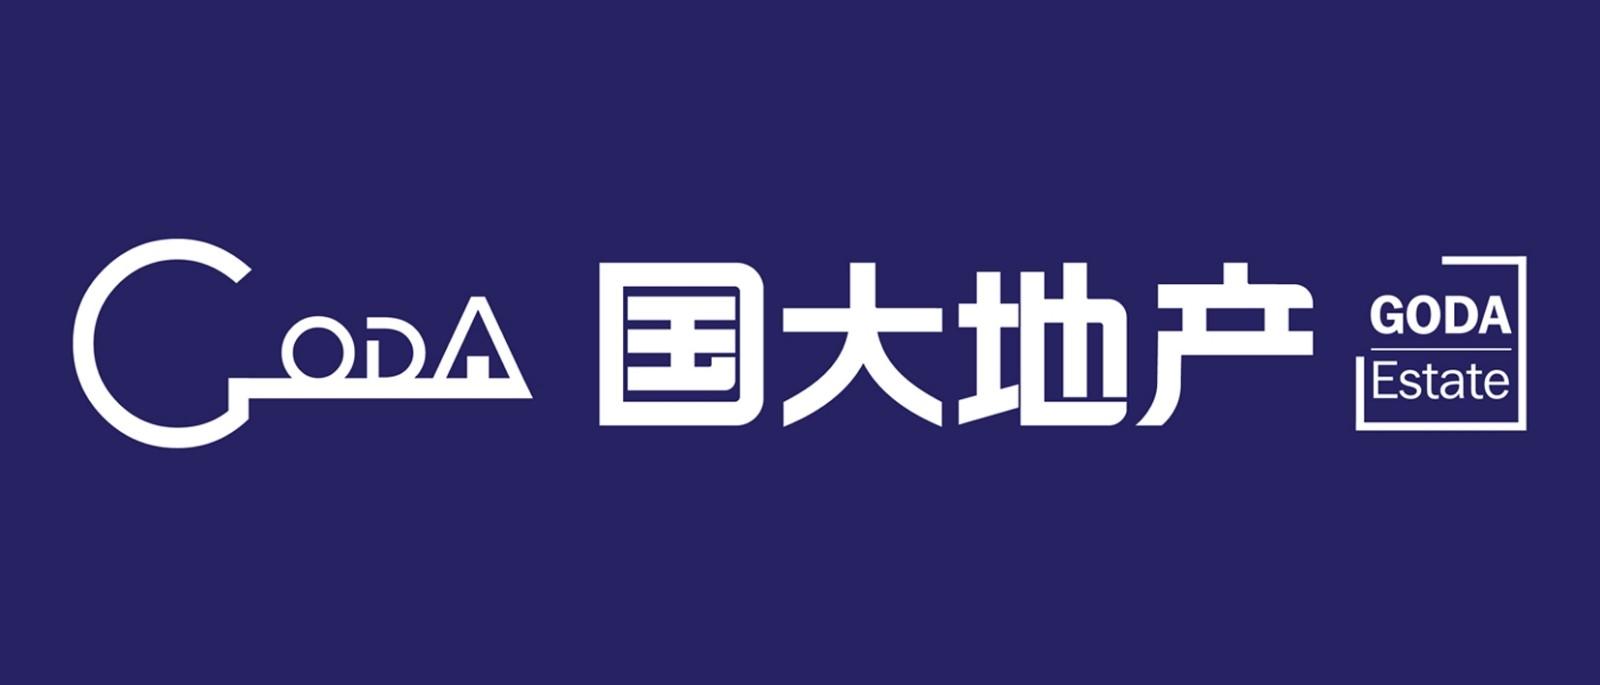 裕华裕馨国大房产经纪服务部